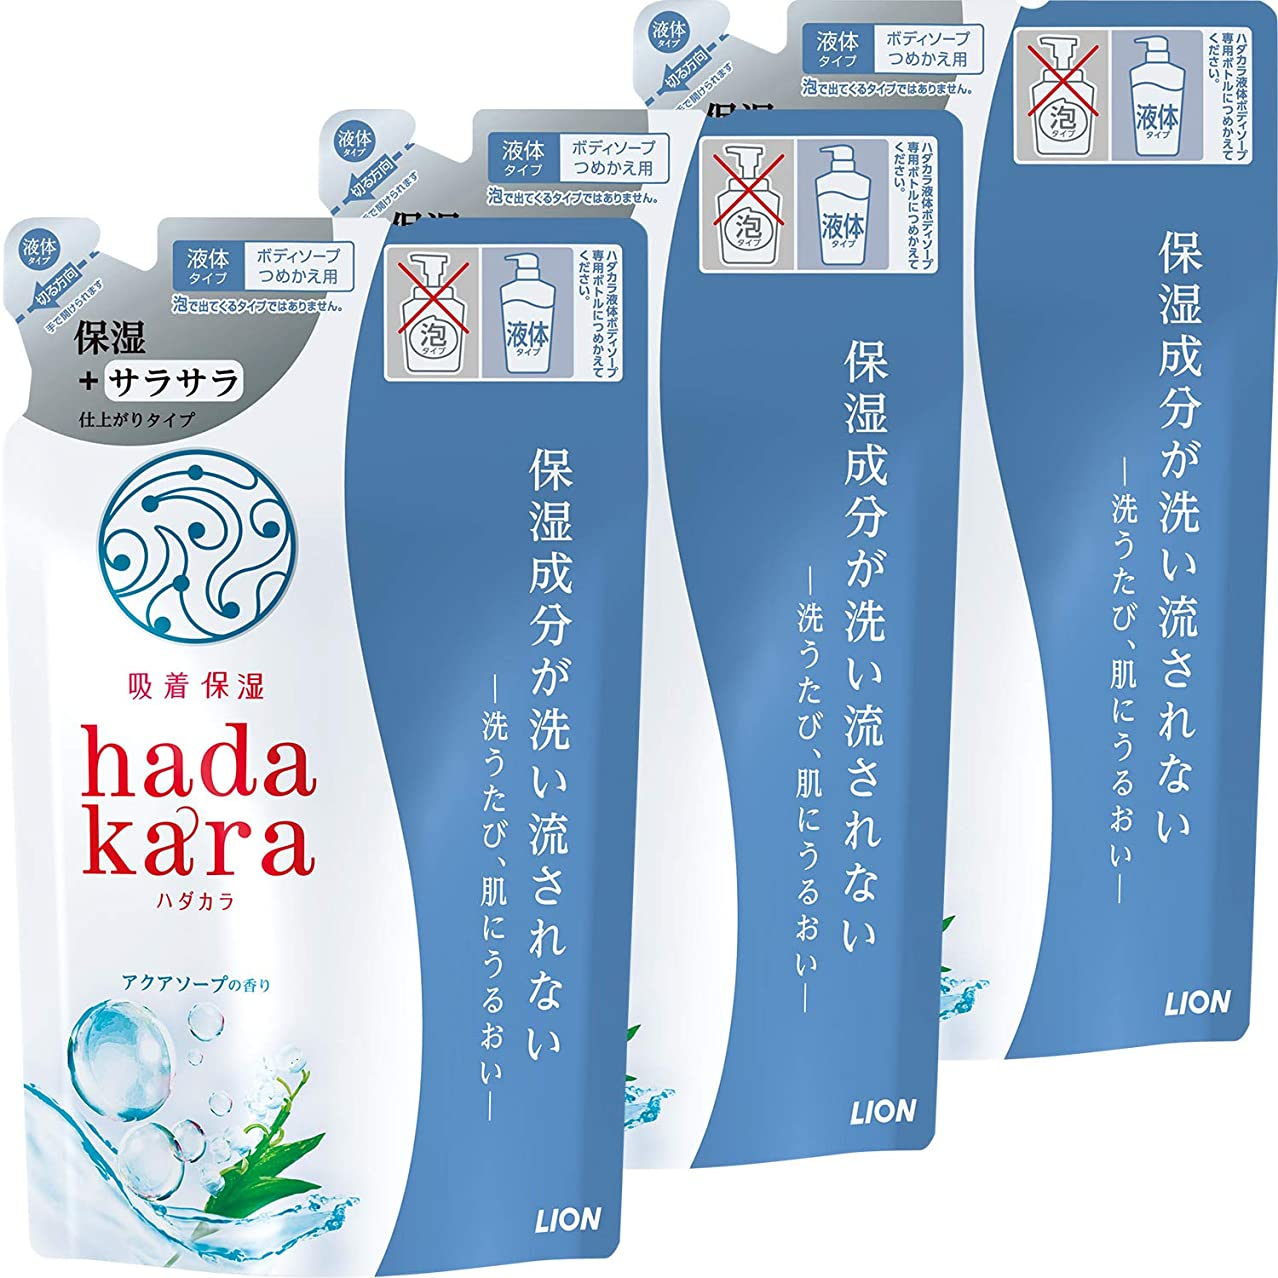 ふざけた後ろ、背後、背面(部疑い者【まとめ買い】hadakara(ハダカラ)ボディソープ 保湿+サラサラ仕上がりタイプ アクアソープの香り つめかえ用 340ml×3個